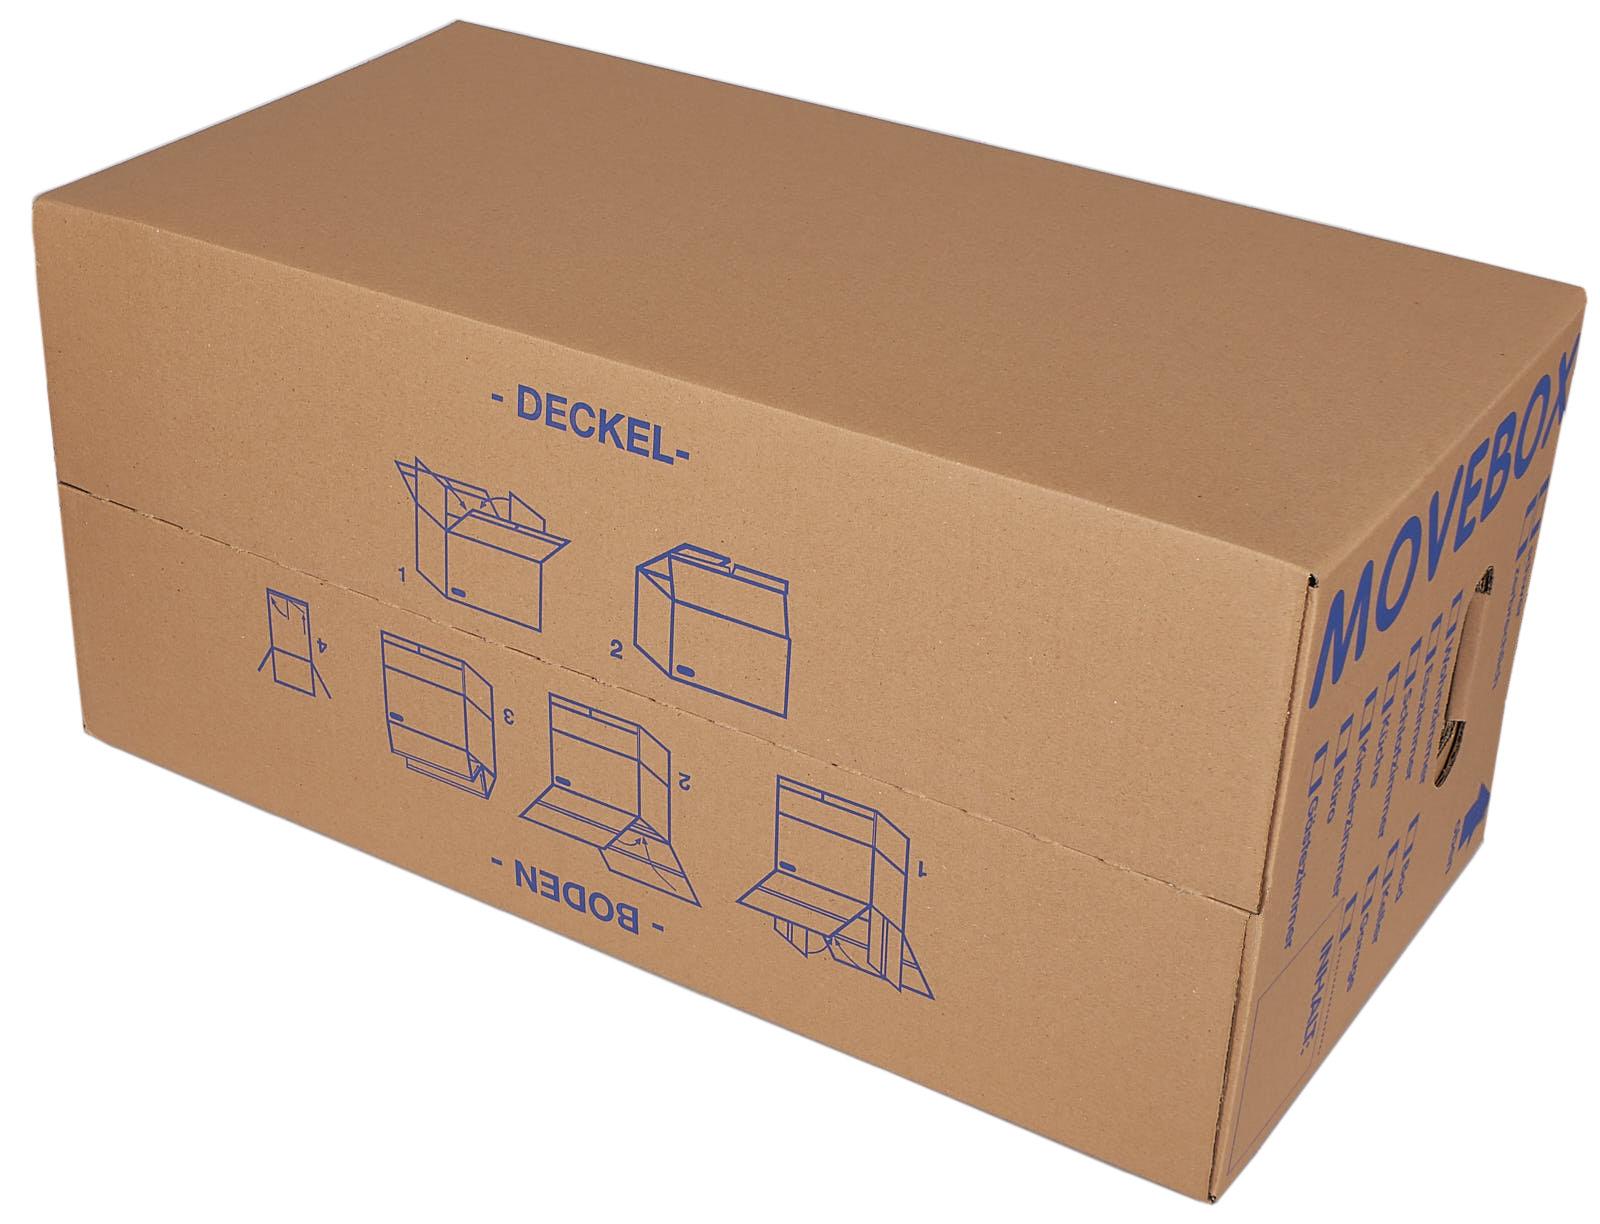 SONDERAKTION-MOVEBOX-Umzugskartons-2-wellig-profi-Umzugskisten-doppelter-Boden